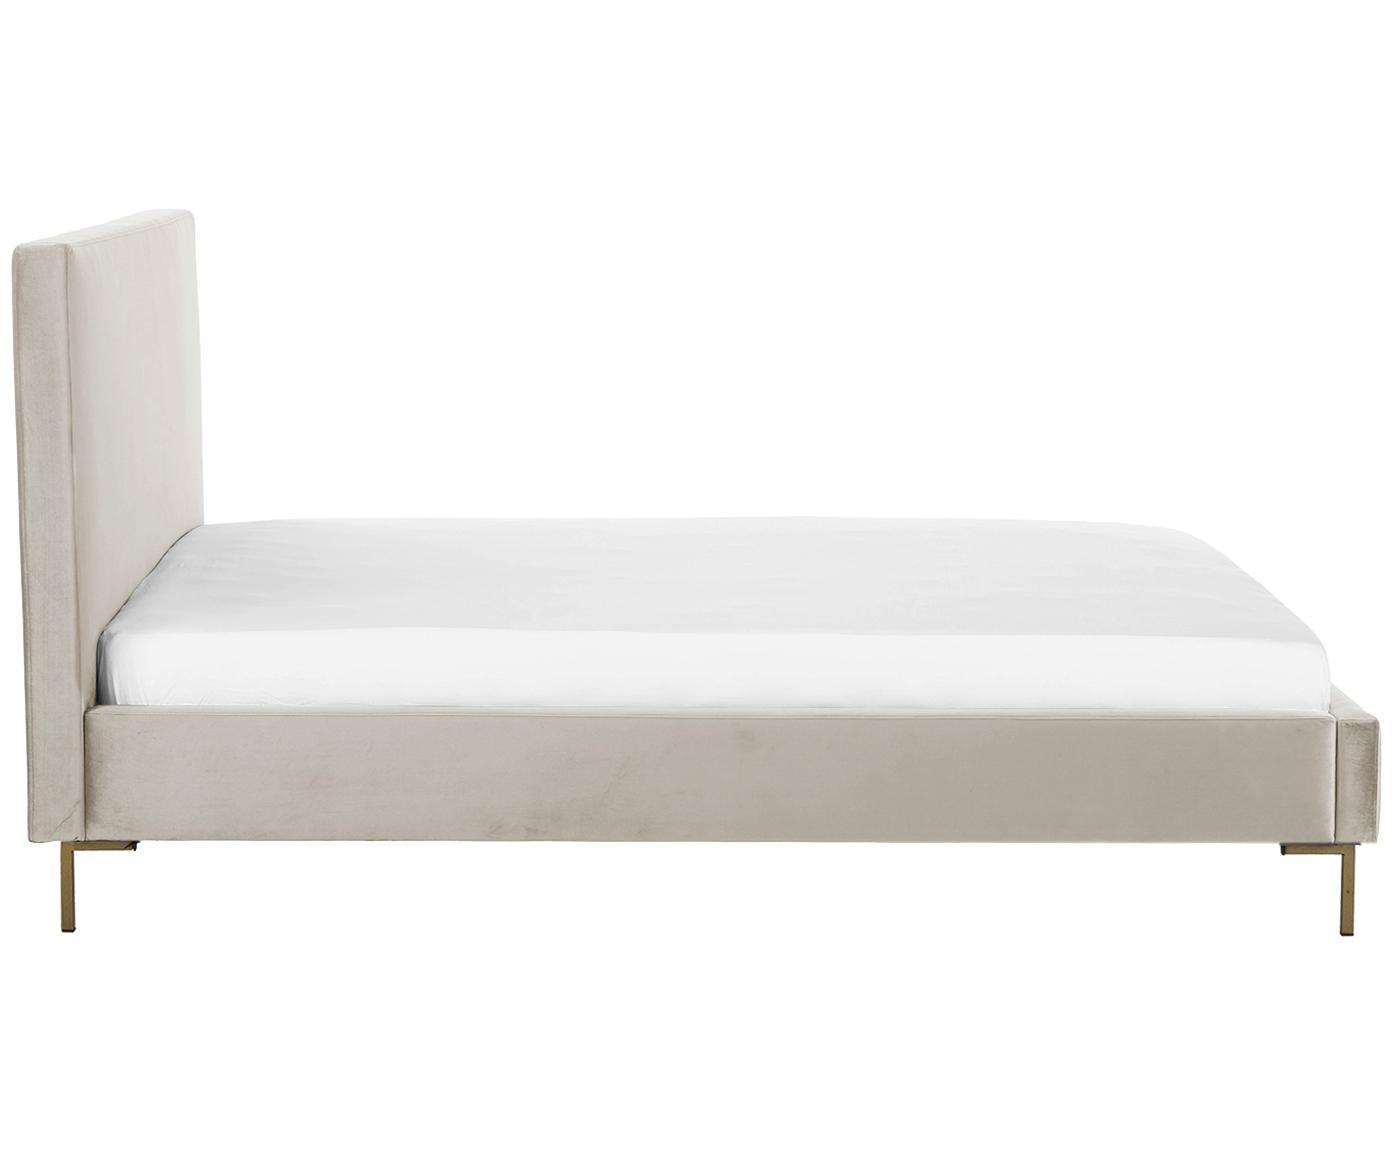 Łóżko tapicerowane z aksamitu Peace, Korpus: lite drewno sosnowe, Nogi: metal malowany proszkowo, Tapicerka: aksamit poliestrowy 3500, Taupe, 180 x 200 cm